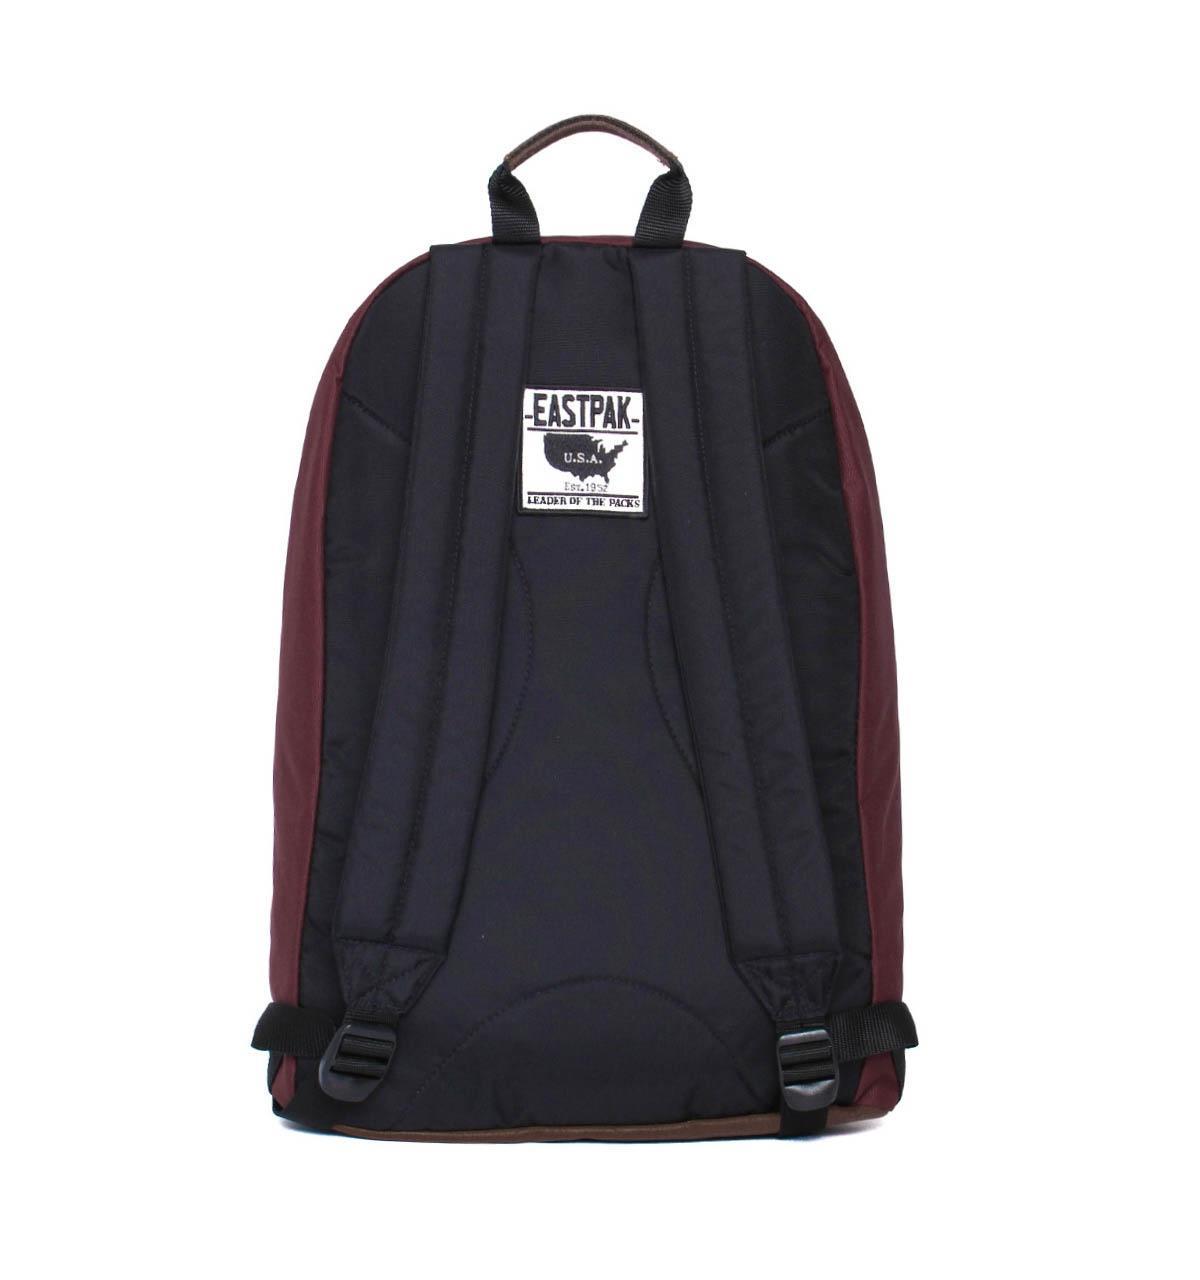 Eastpak Merlot Red Out Of Office 27l Backpack for Men